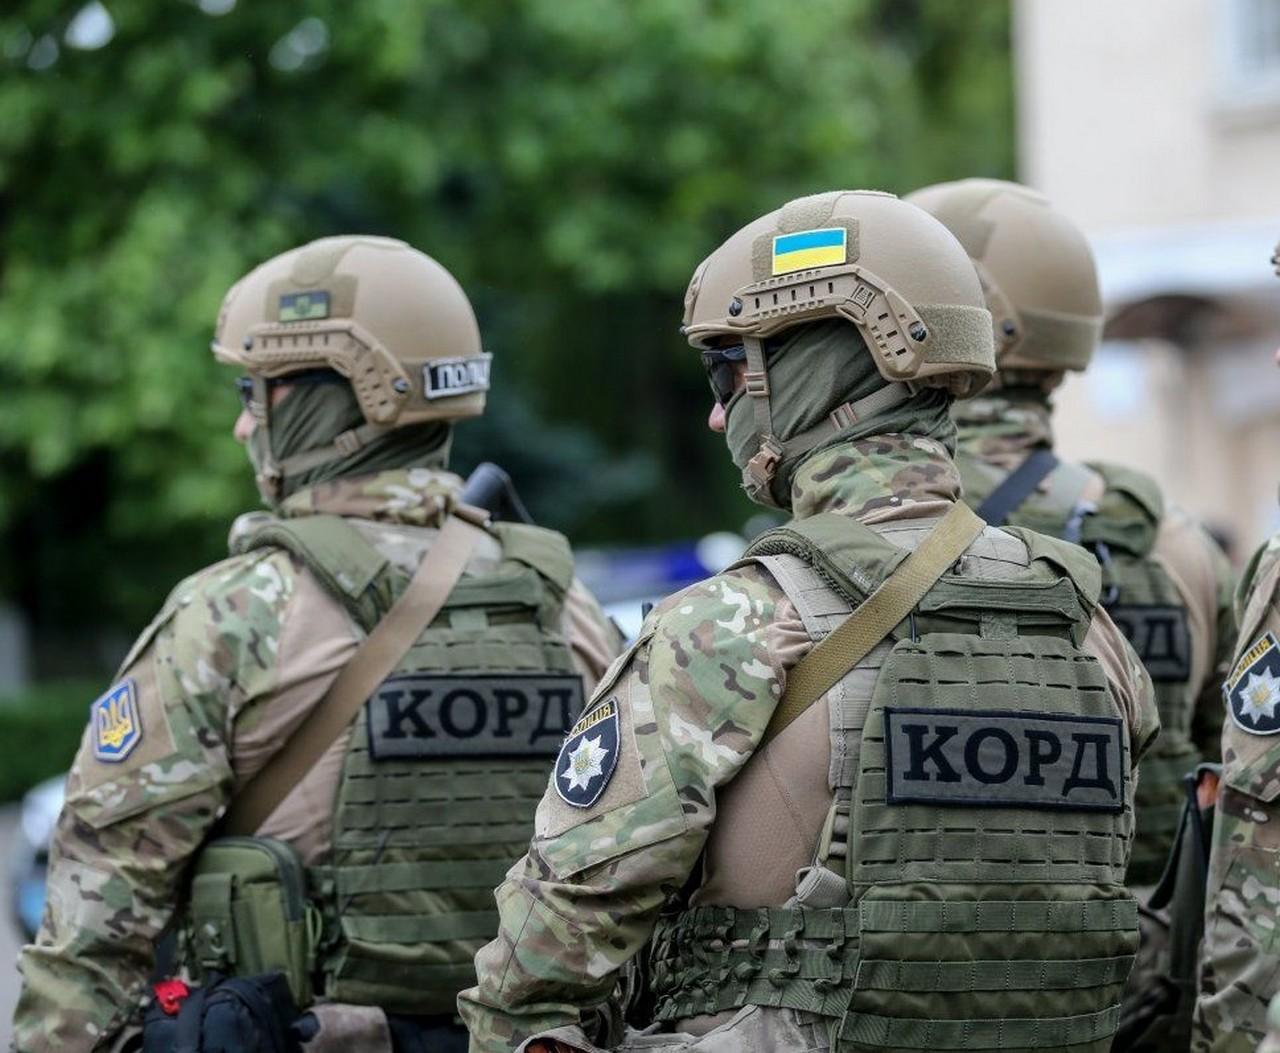 """Поліцейські та бійці """"КОРДу"""" провели обшук у селі Довге, що на Іршавщині"""